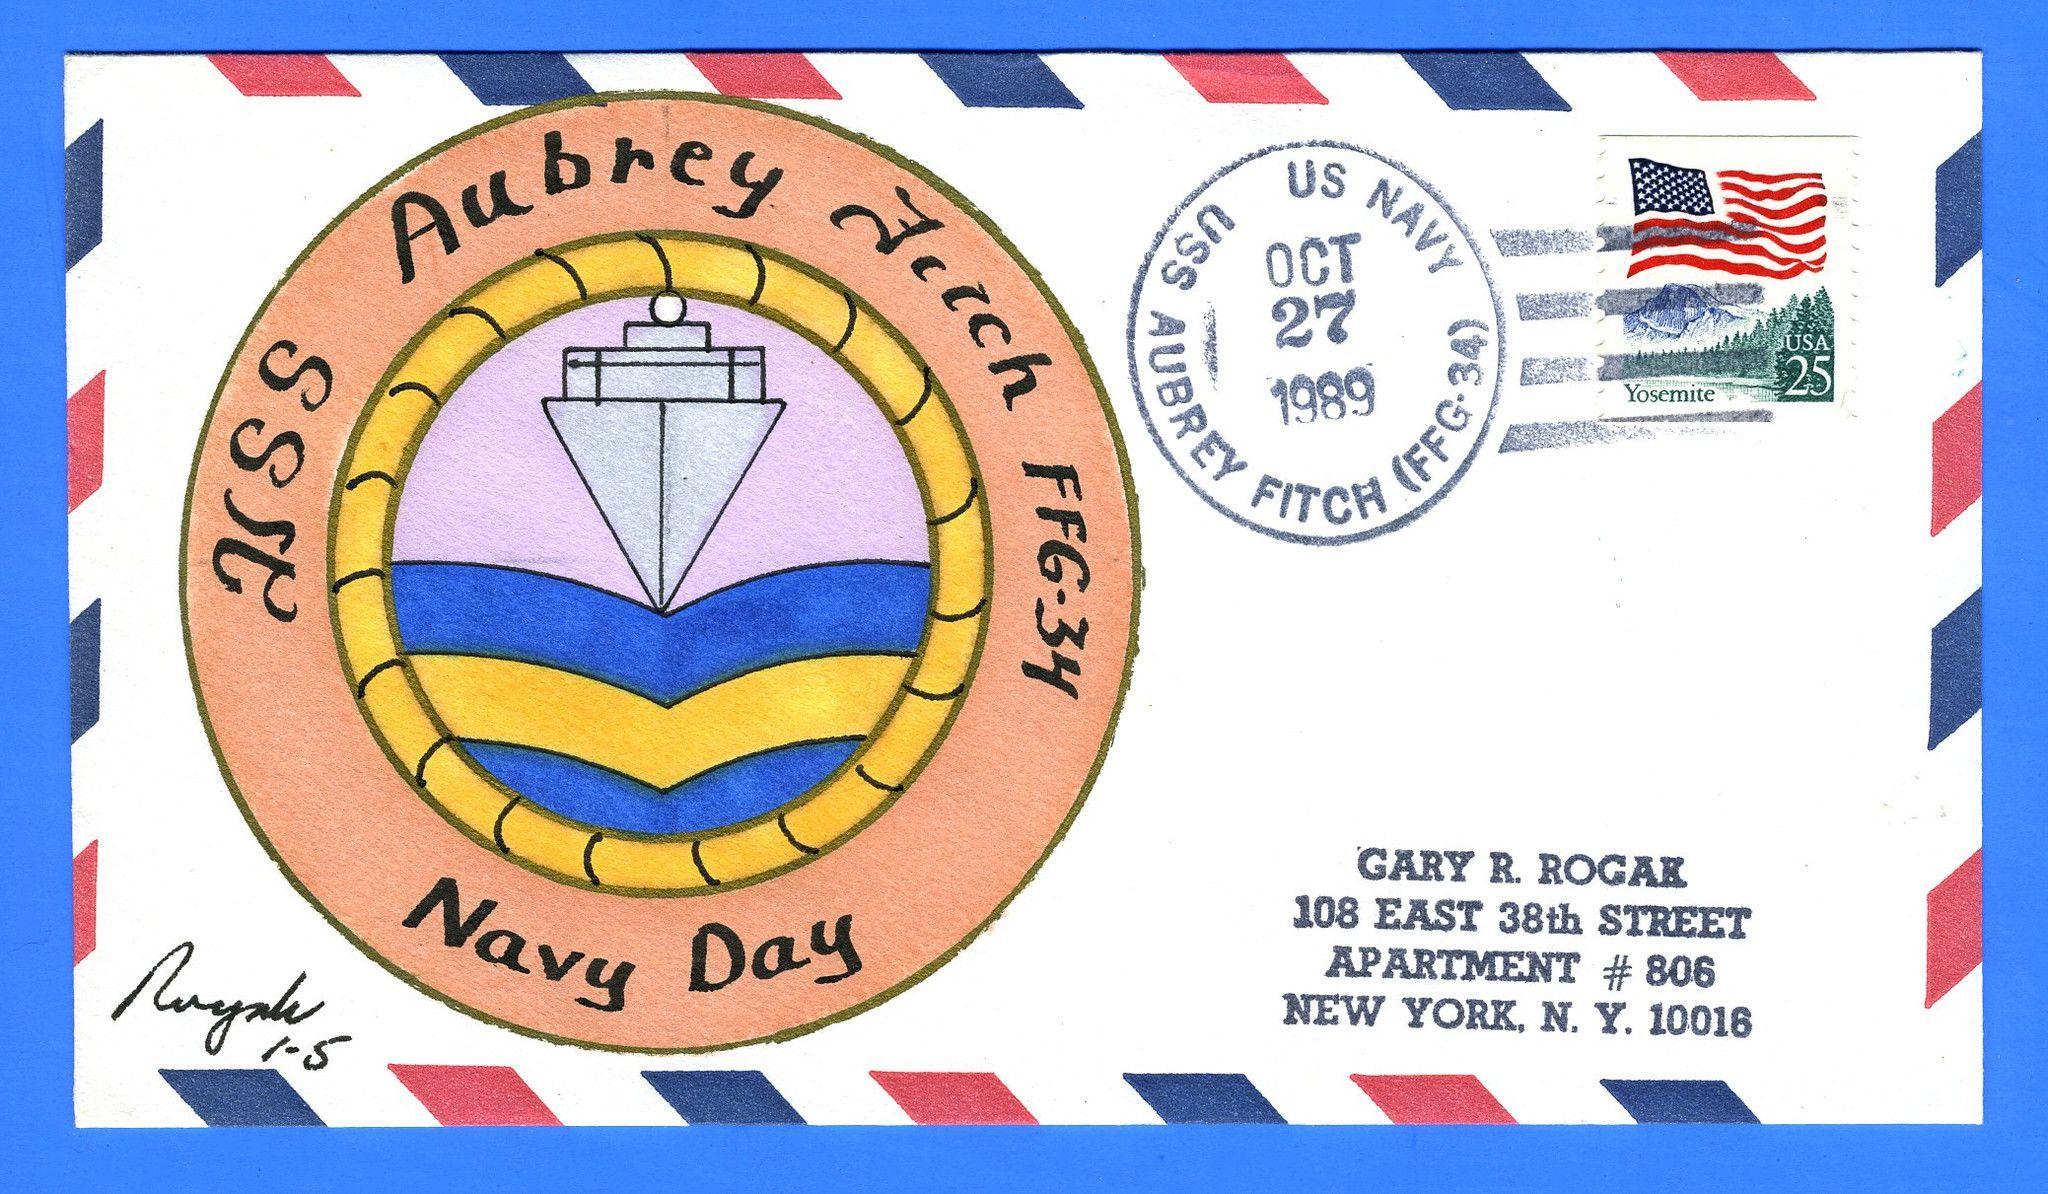 USS Aubrey Fitch FFG-34 Navy Day Oct 27, 1989 - Rogak Cachet